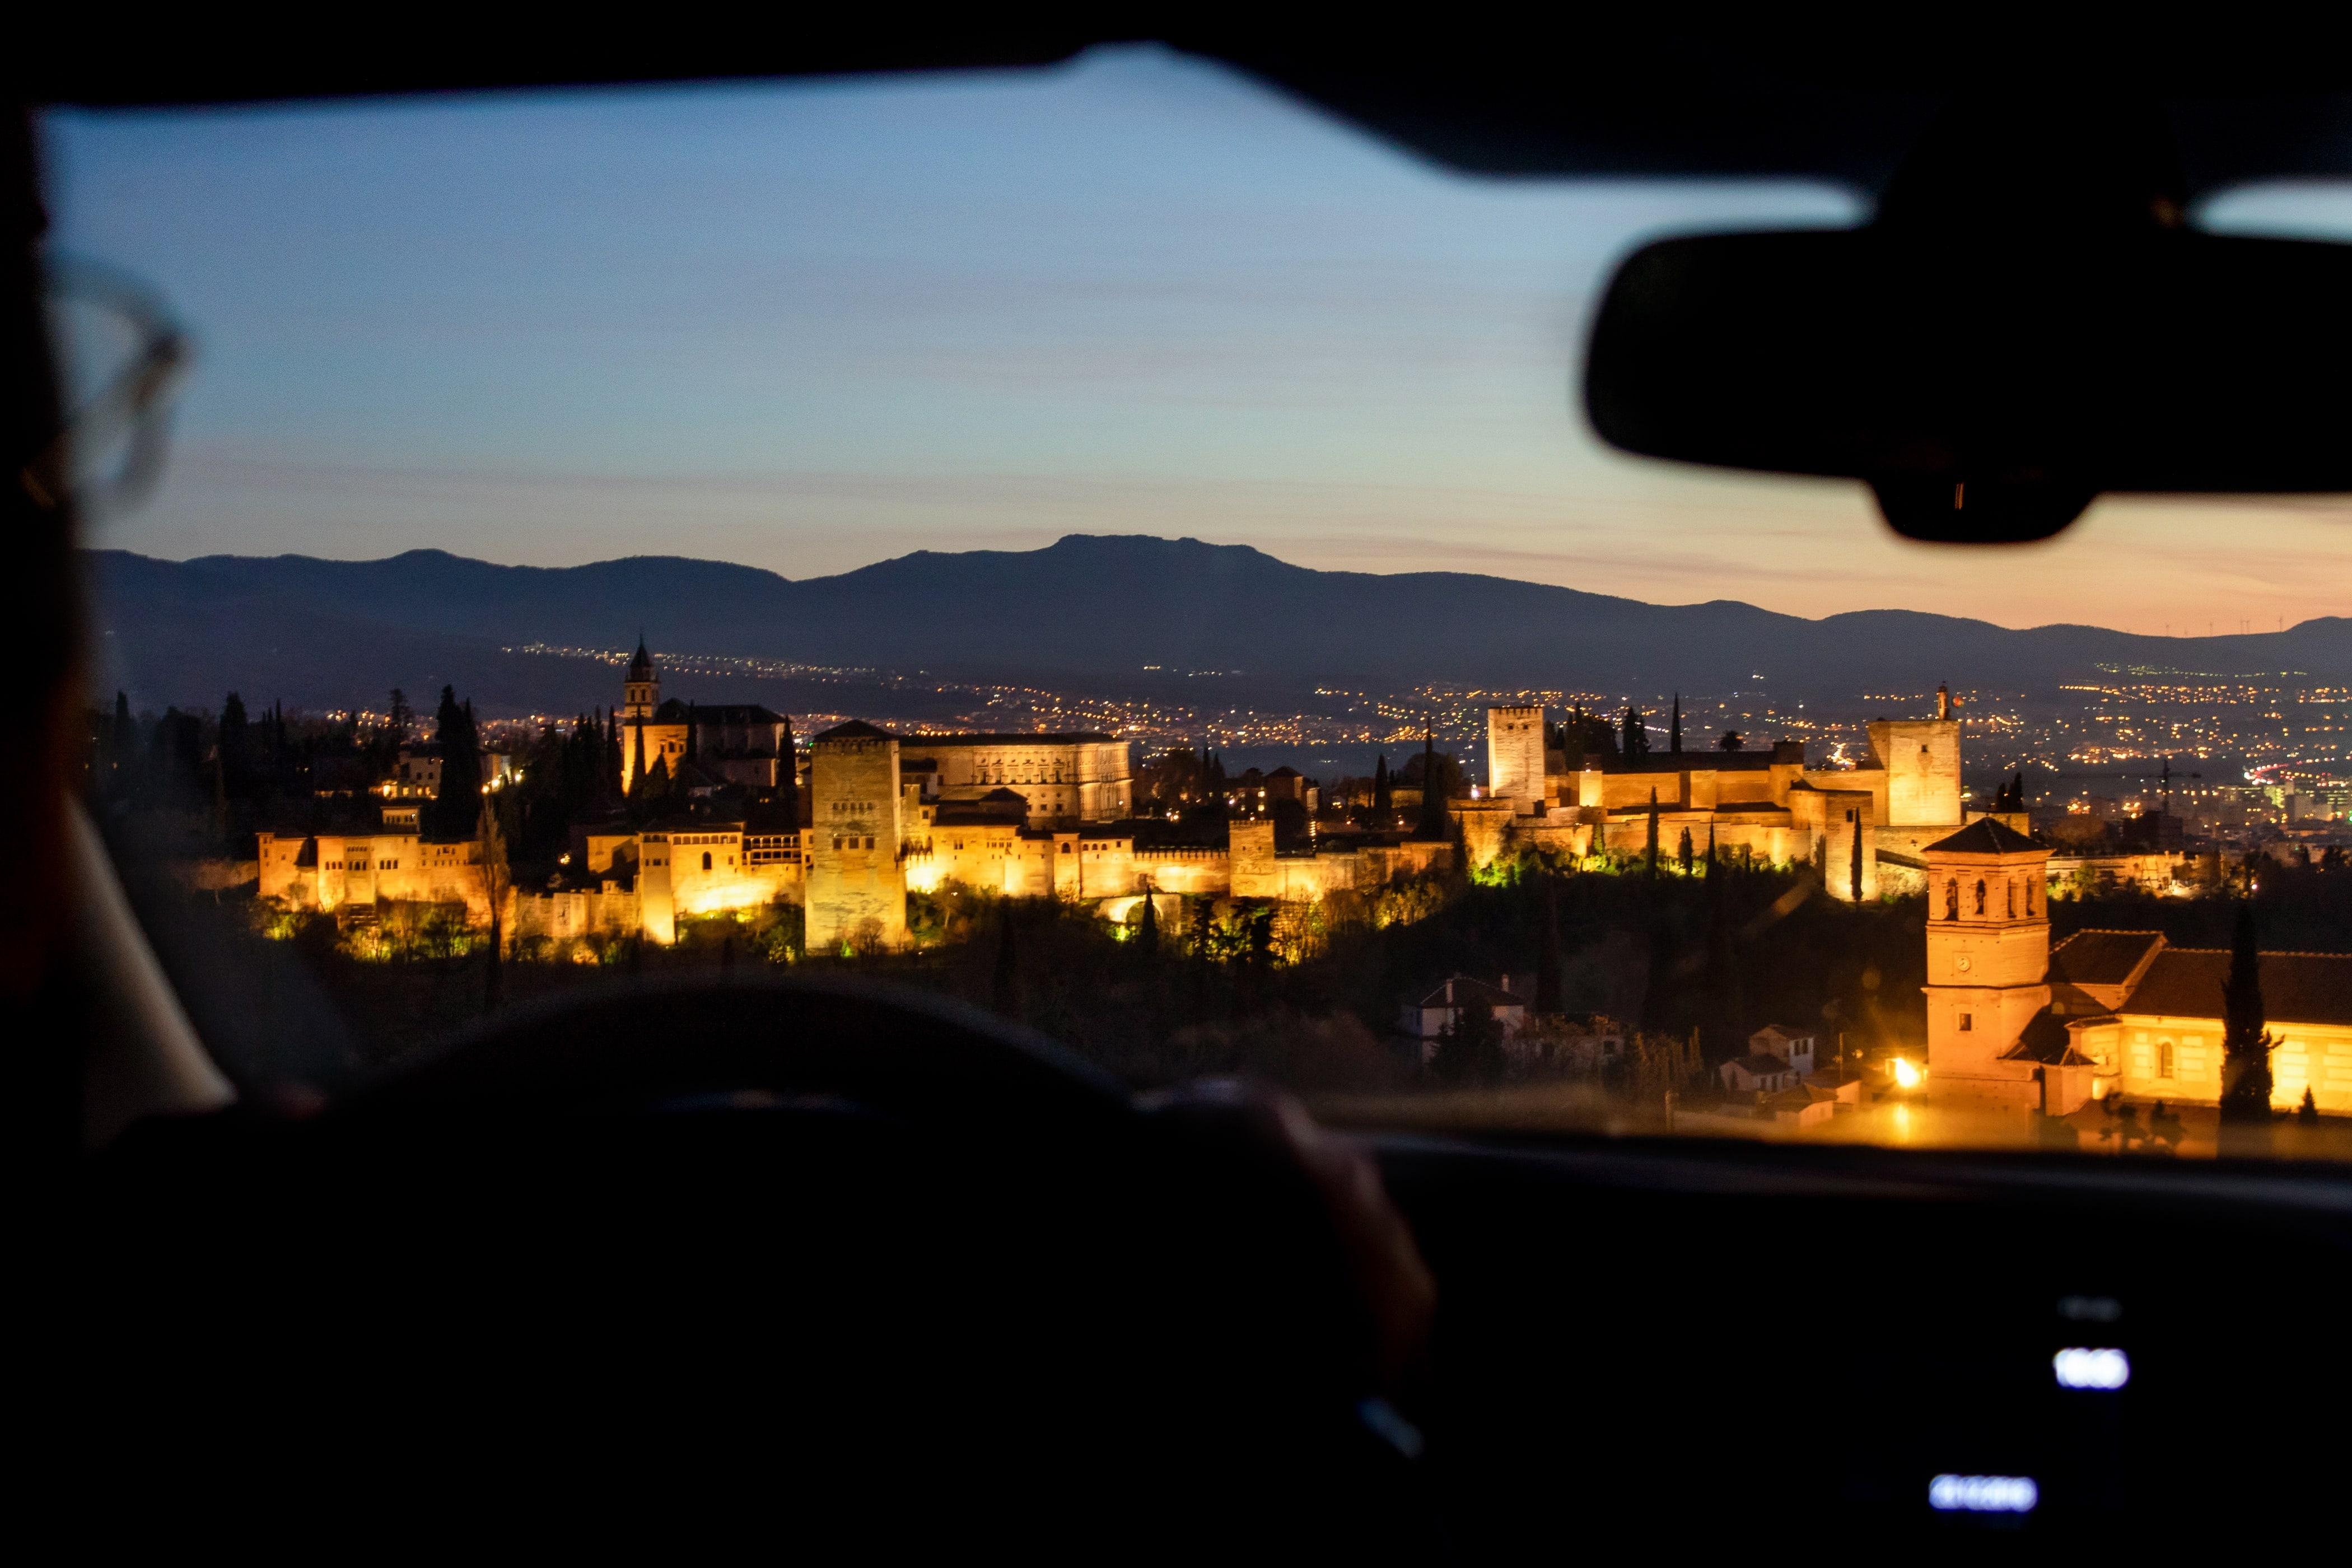 300 mil asientos disponibles en BlaBlaCar para viajar en el puente de diciembre